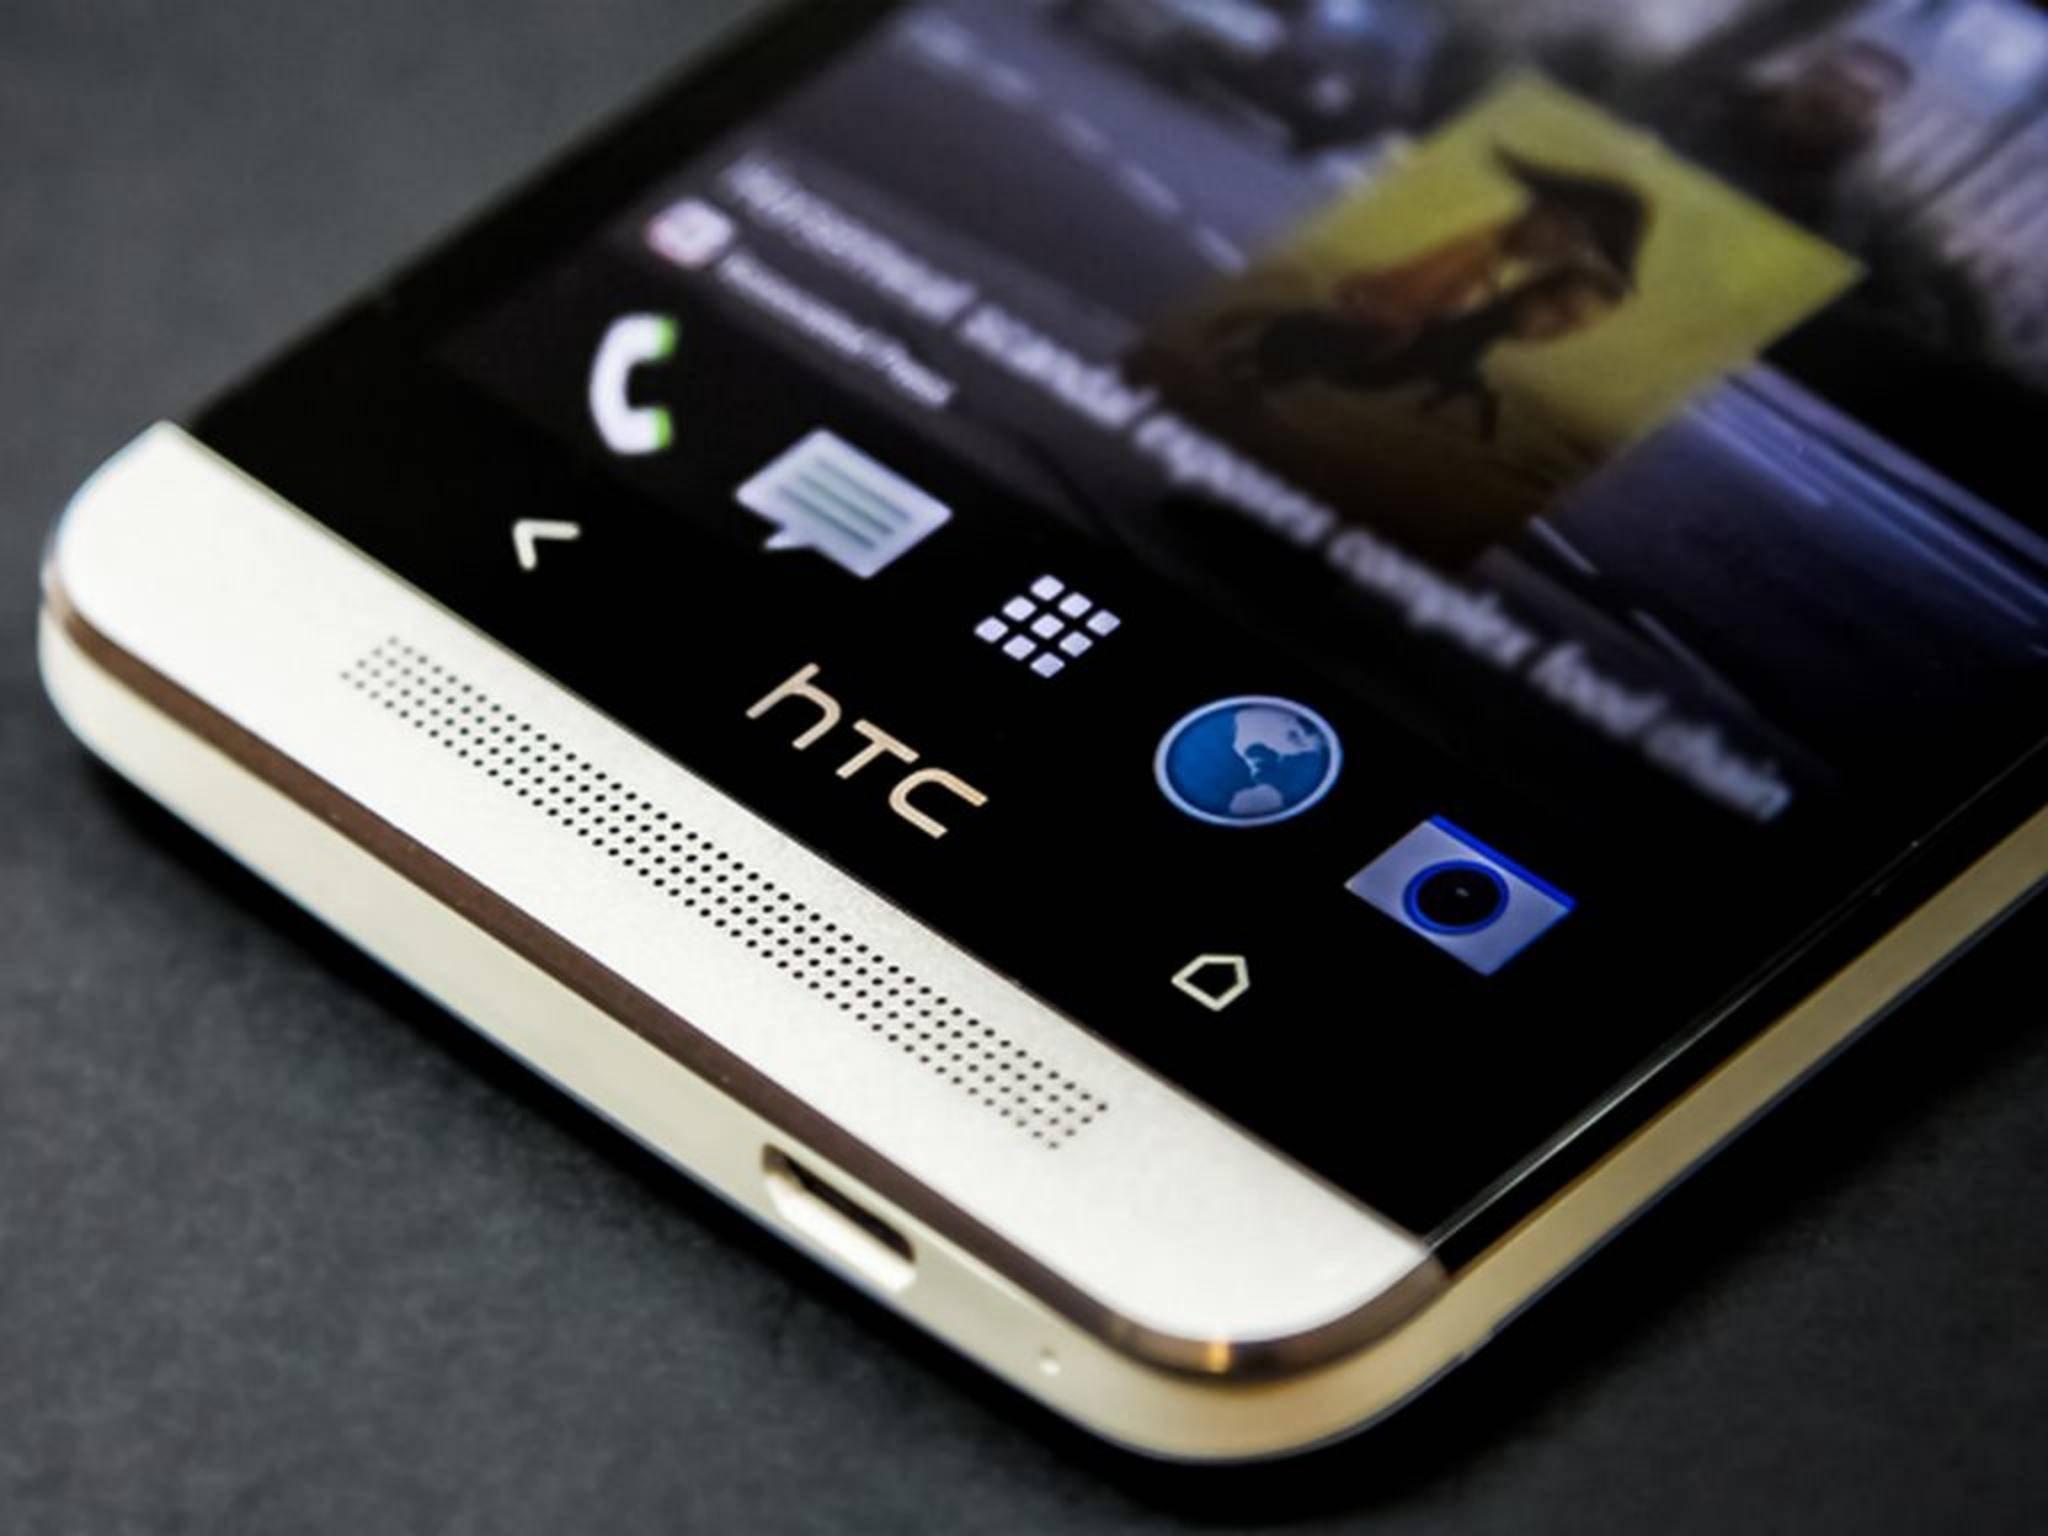 Das HTC One M7 ist schon zwei Jahre alt und bekommt demnächst offenbar endlich Android 5.0 Lollipop.